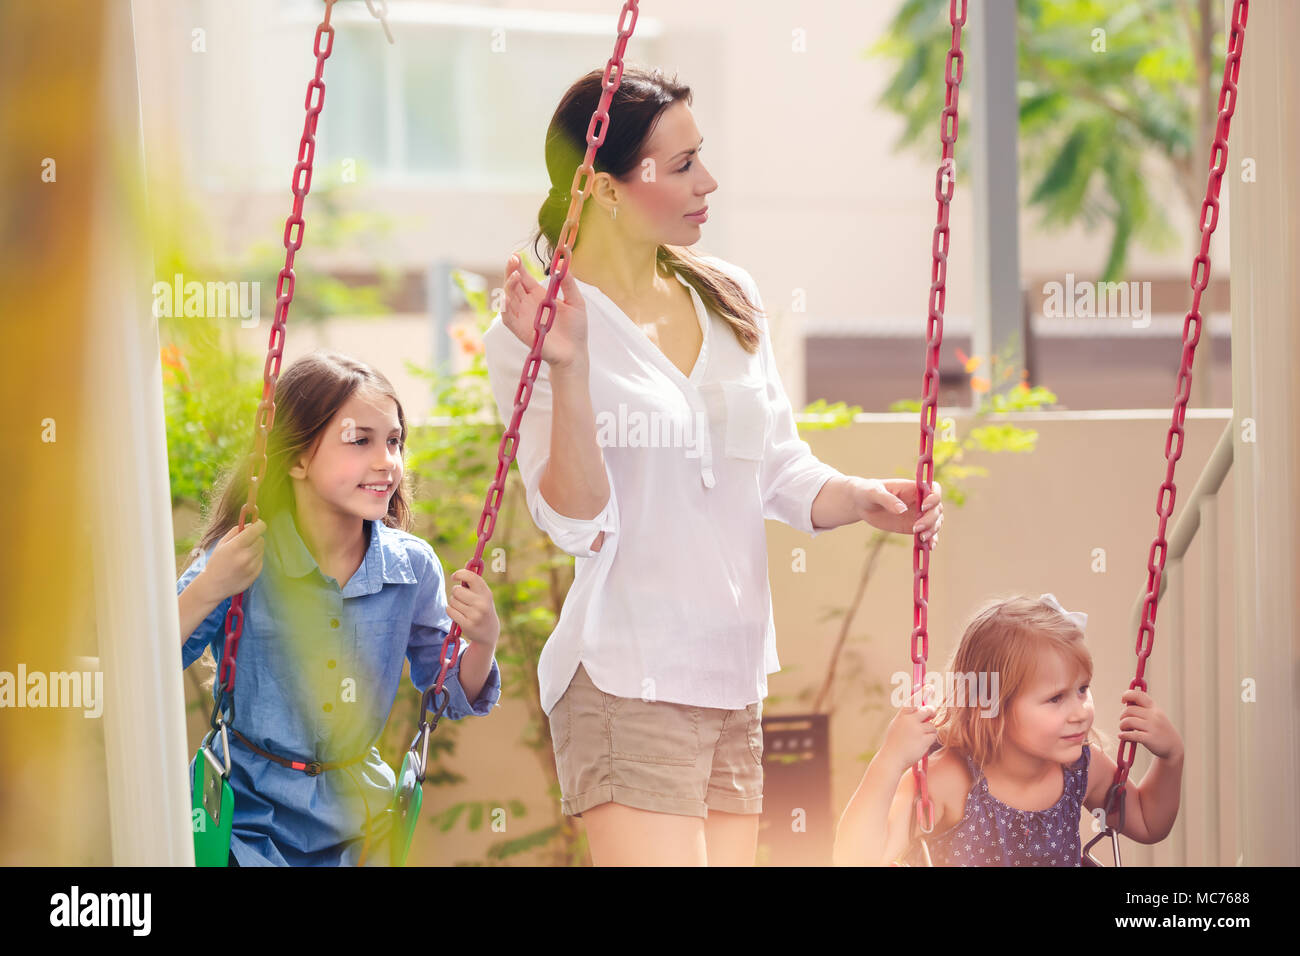 Madre de dos hijas de playground, hermosa joven mamá rocas su preciosa niña en el columpio, el gasto familiar feliz fin de semana juntos Imagen De Stock